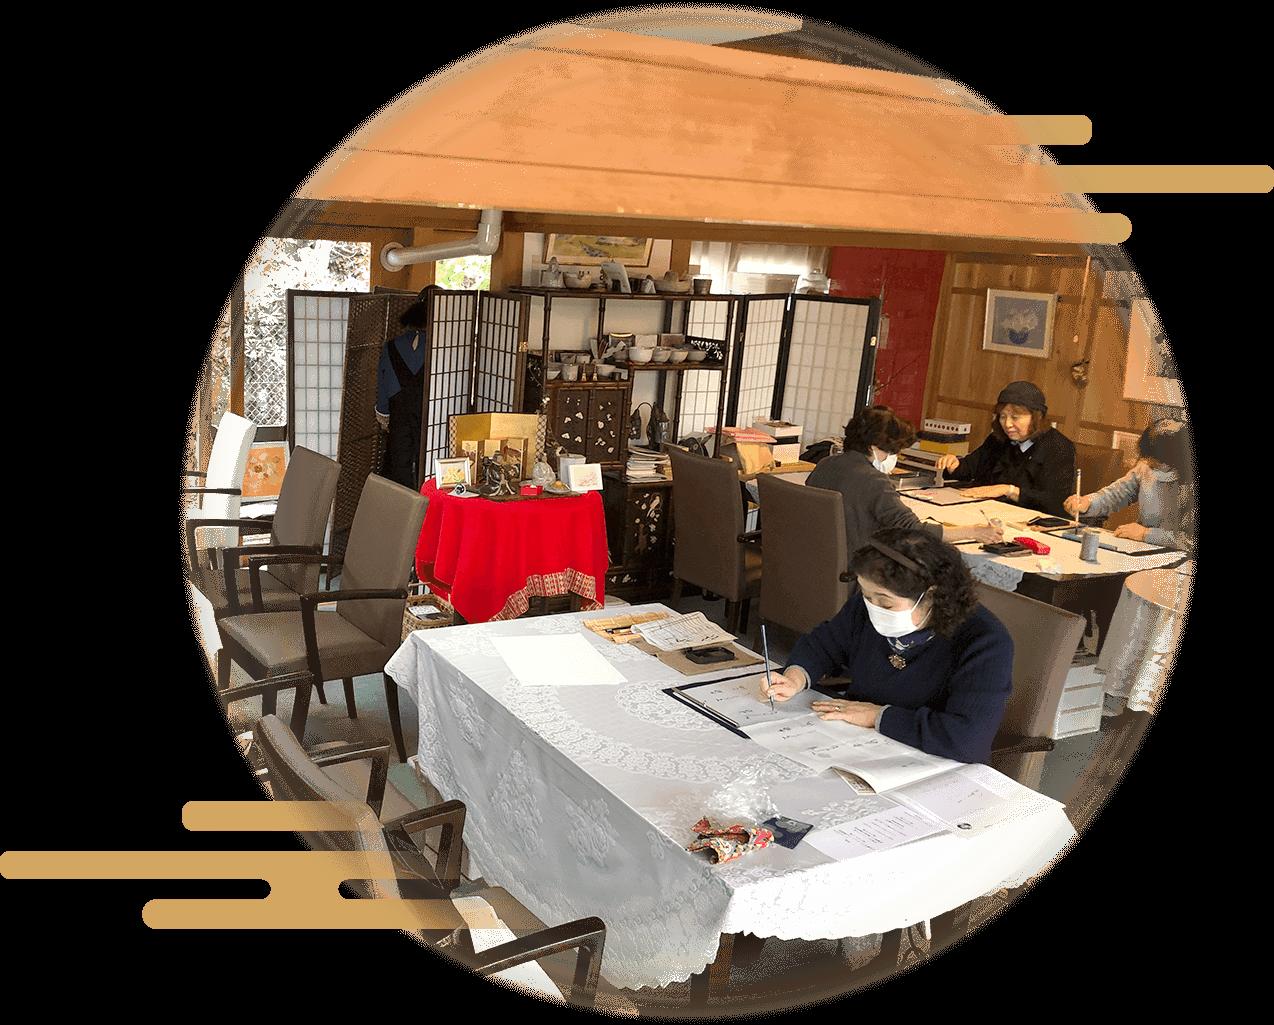 唐津「テイーサロン芦の花」教室の写真